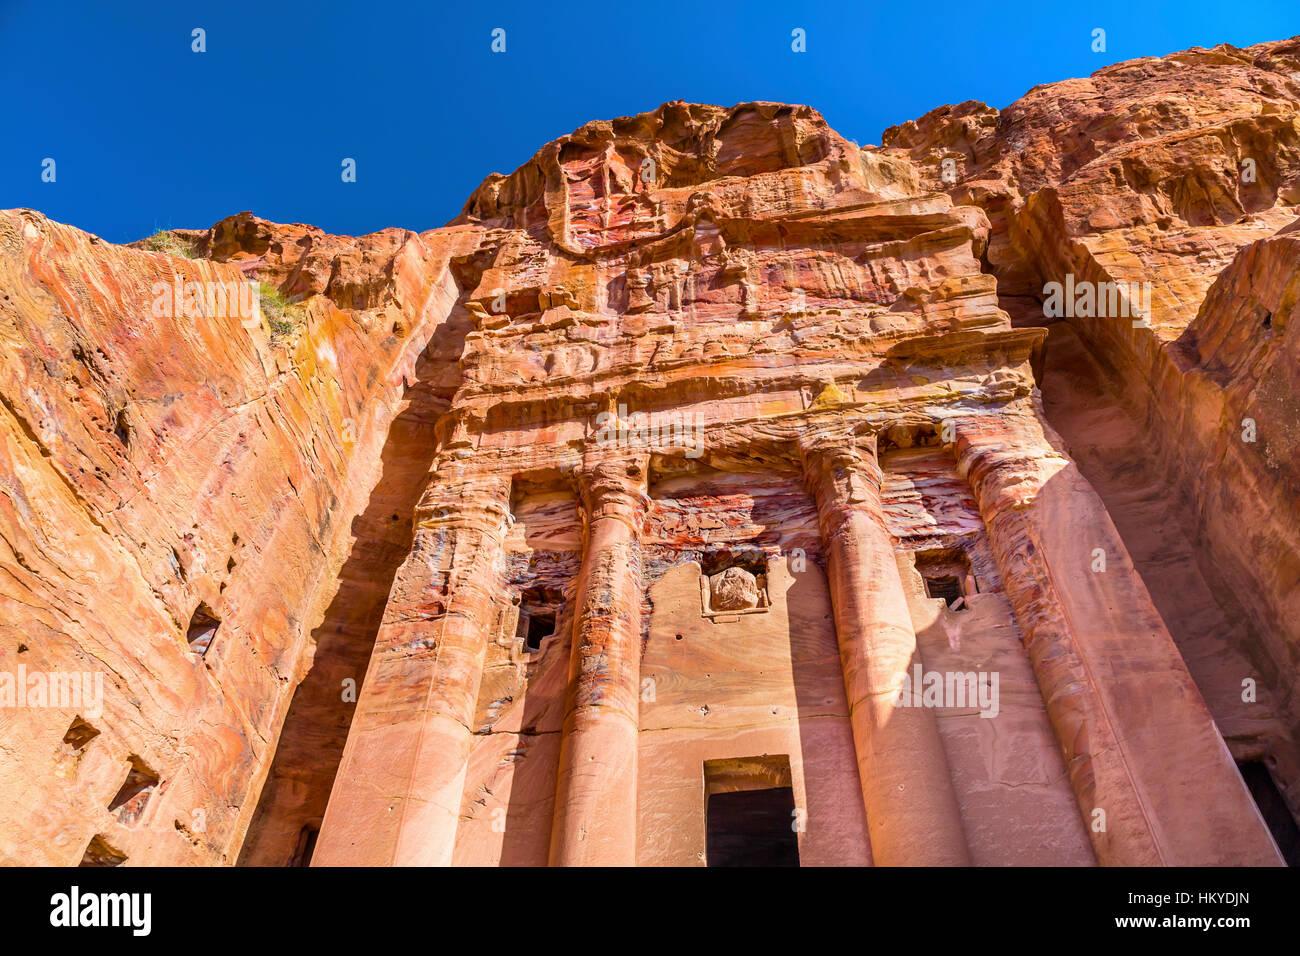 Tombeau Royal Arch Rock Petra Jordanie. Construit par l'Nabataens en 200 avant JC à 400 après JC. Photo Stock